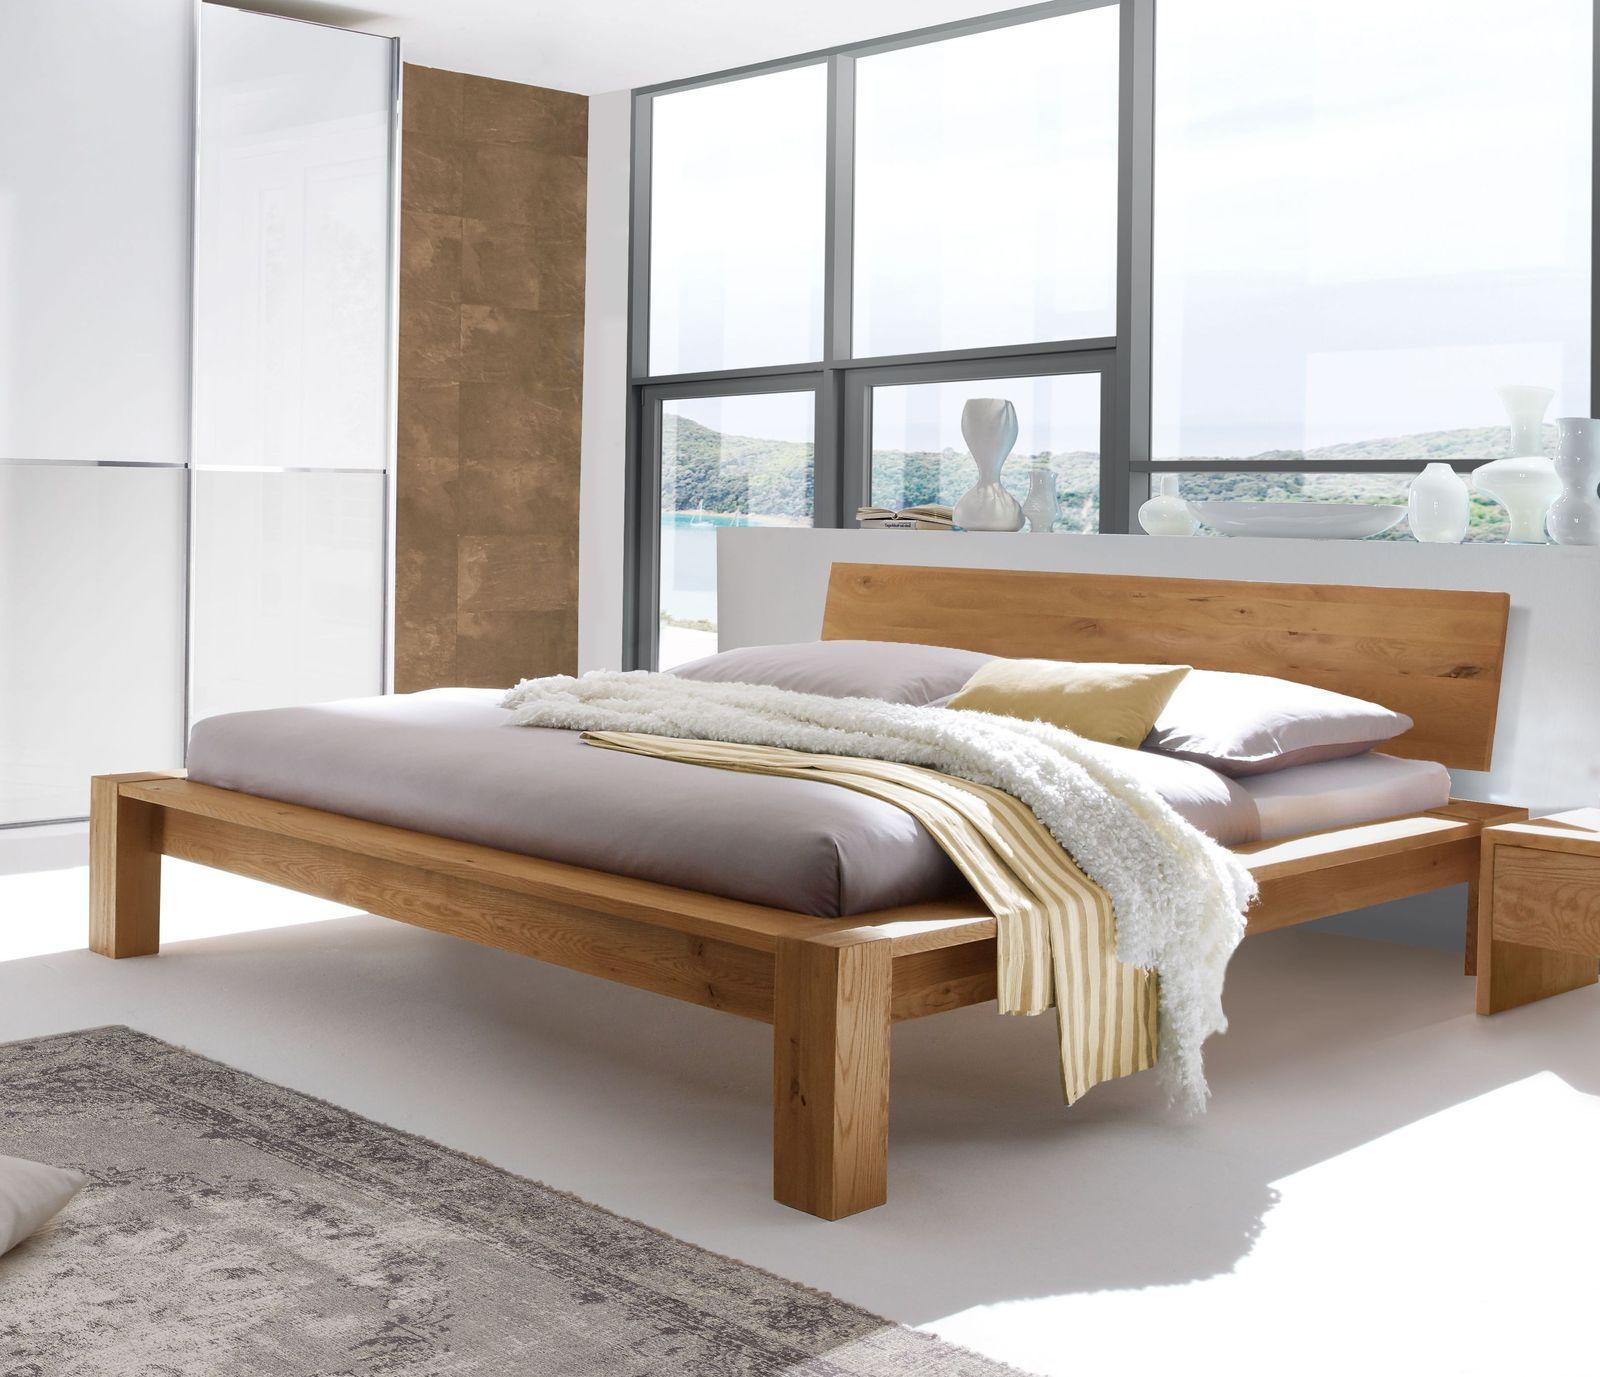 Massives Wildeichenbett mit breitem Rahmen günstig kaufen - Evora